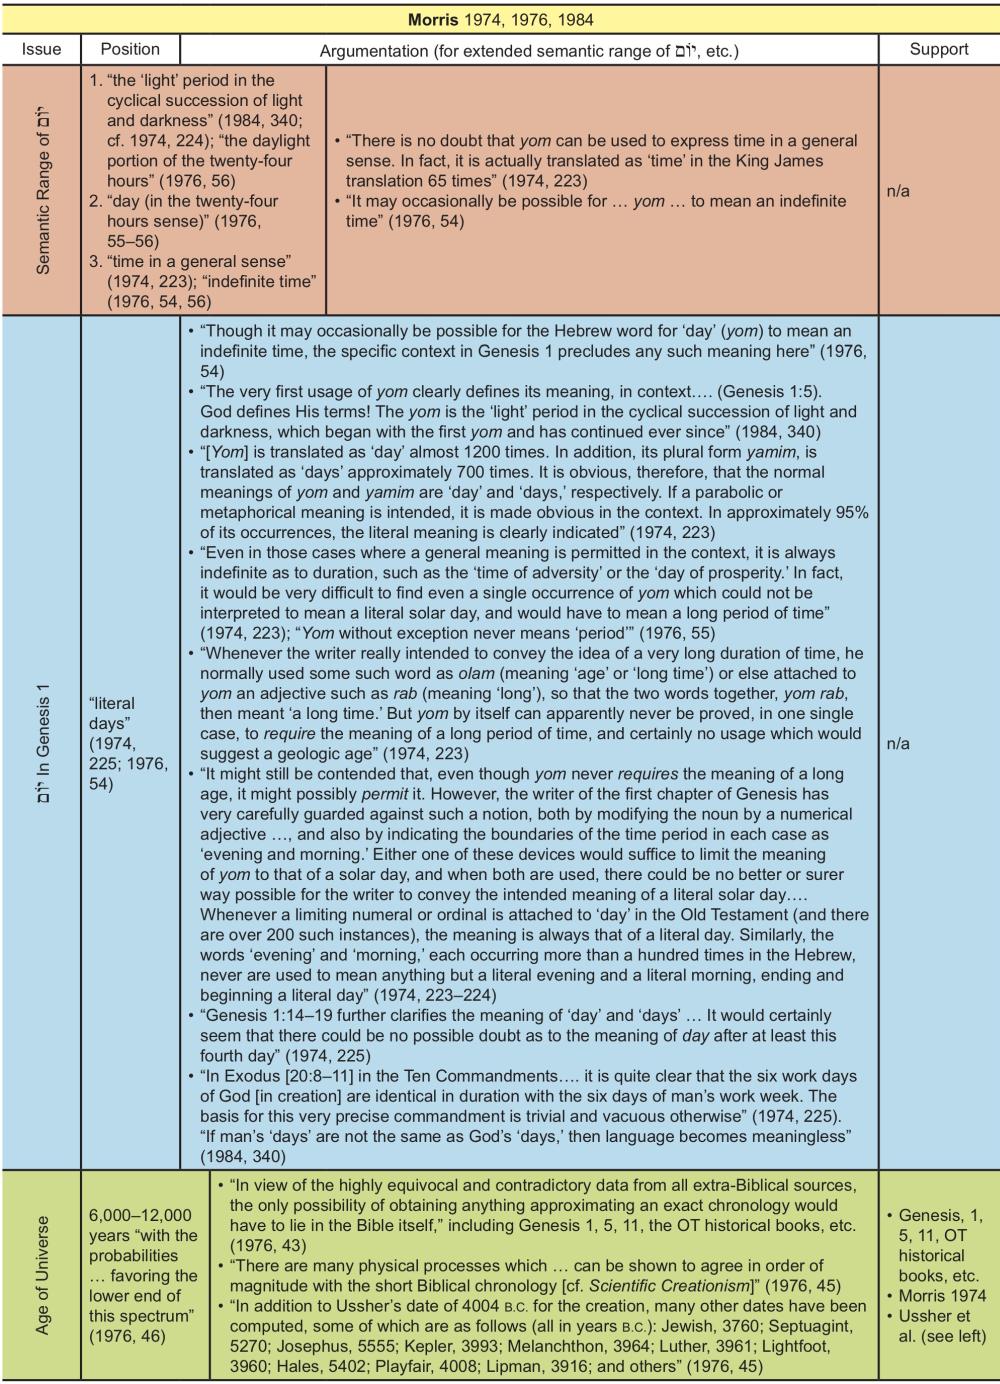 Appendix Table 27